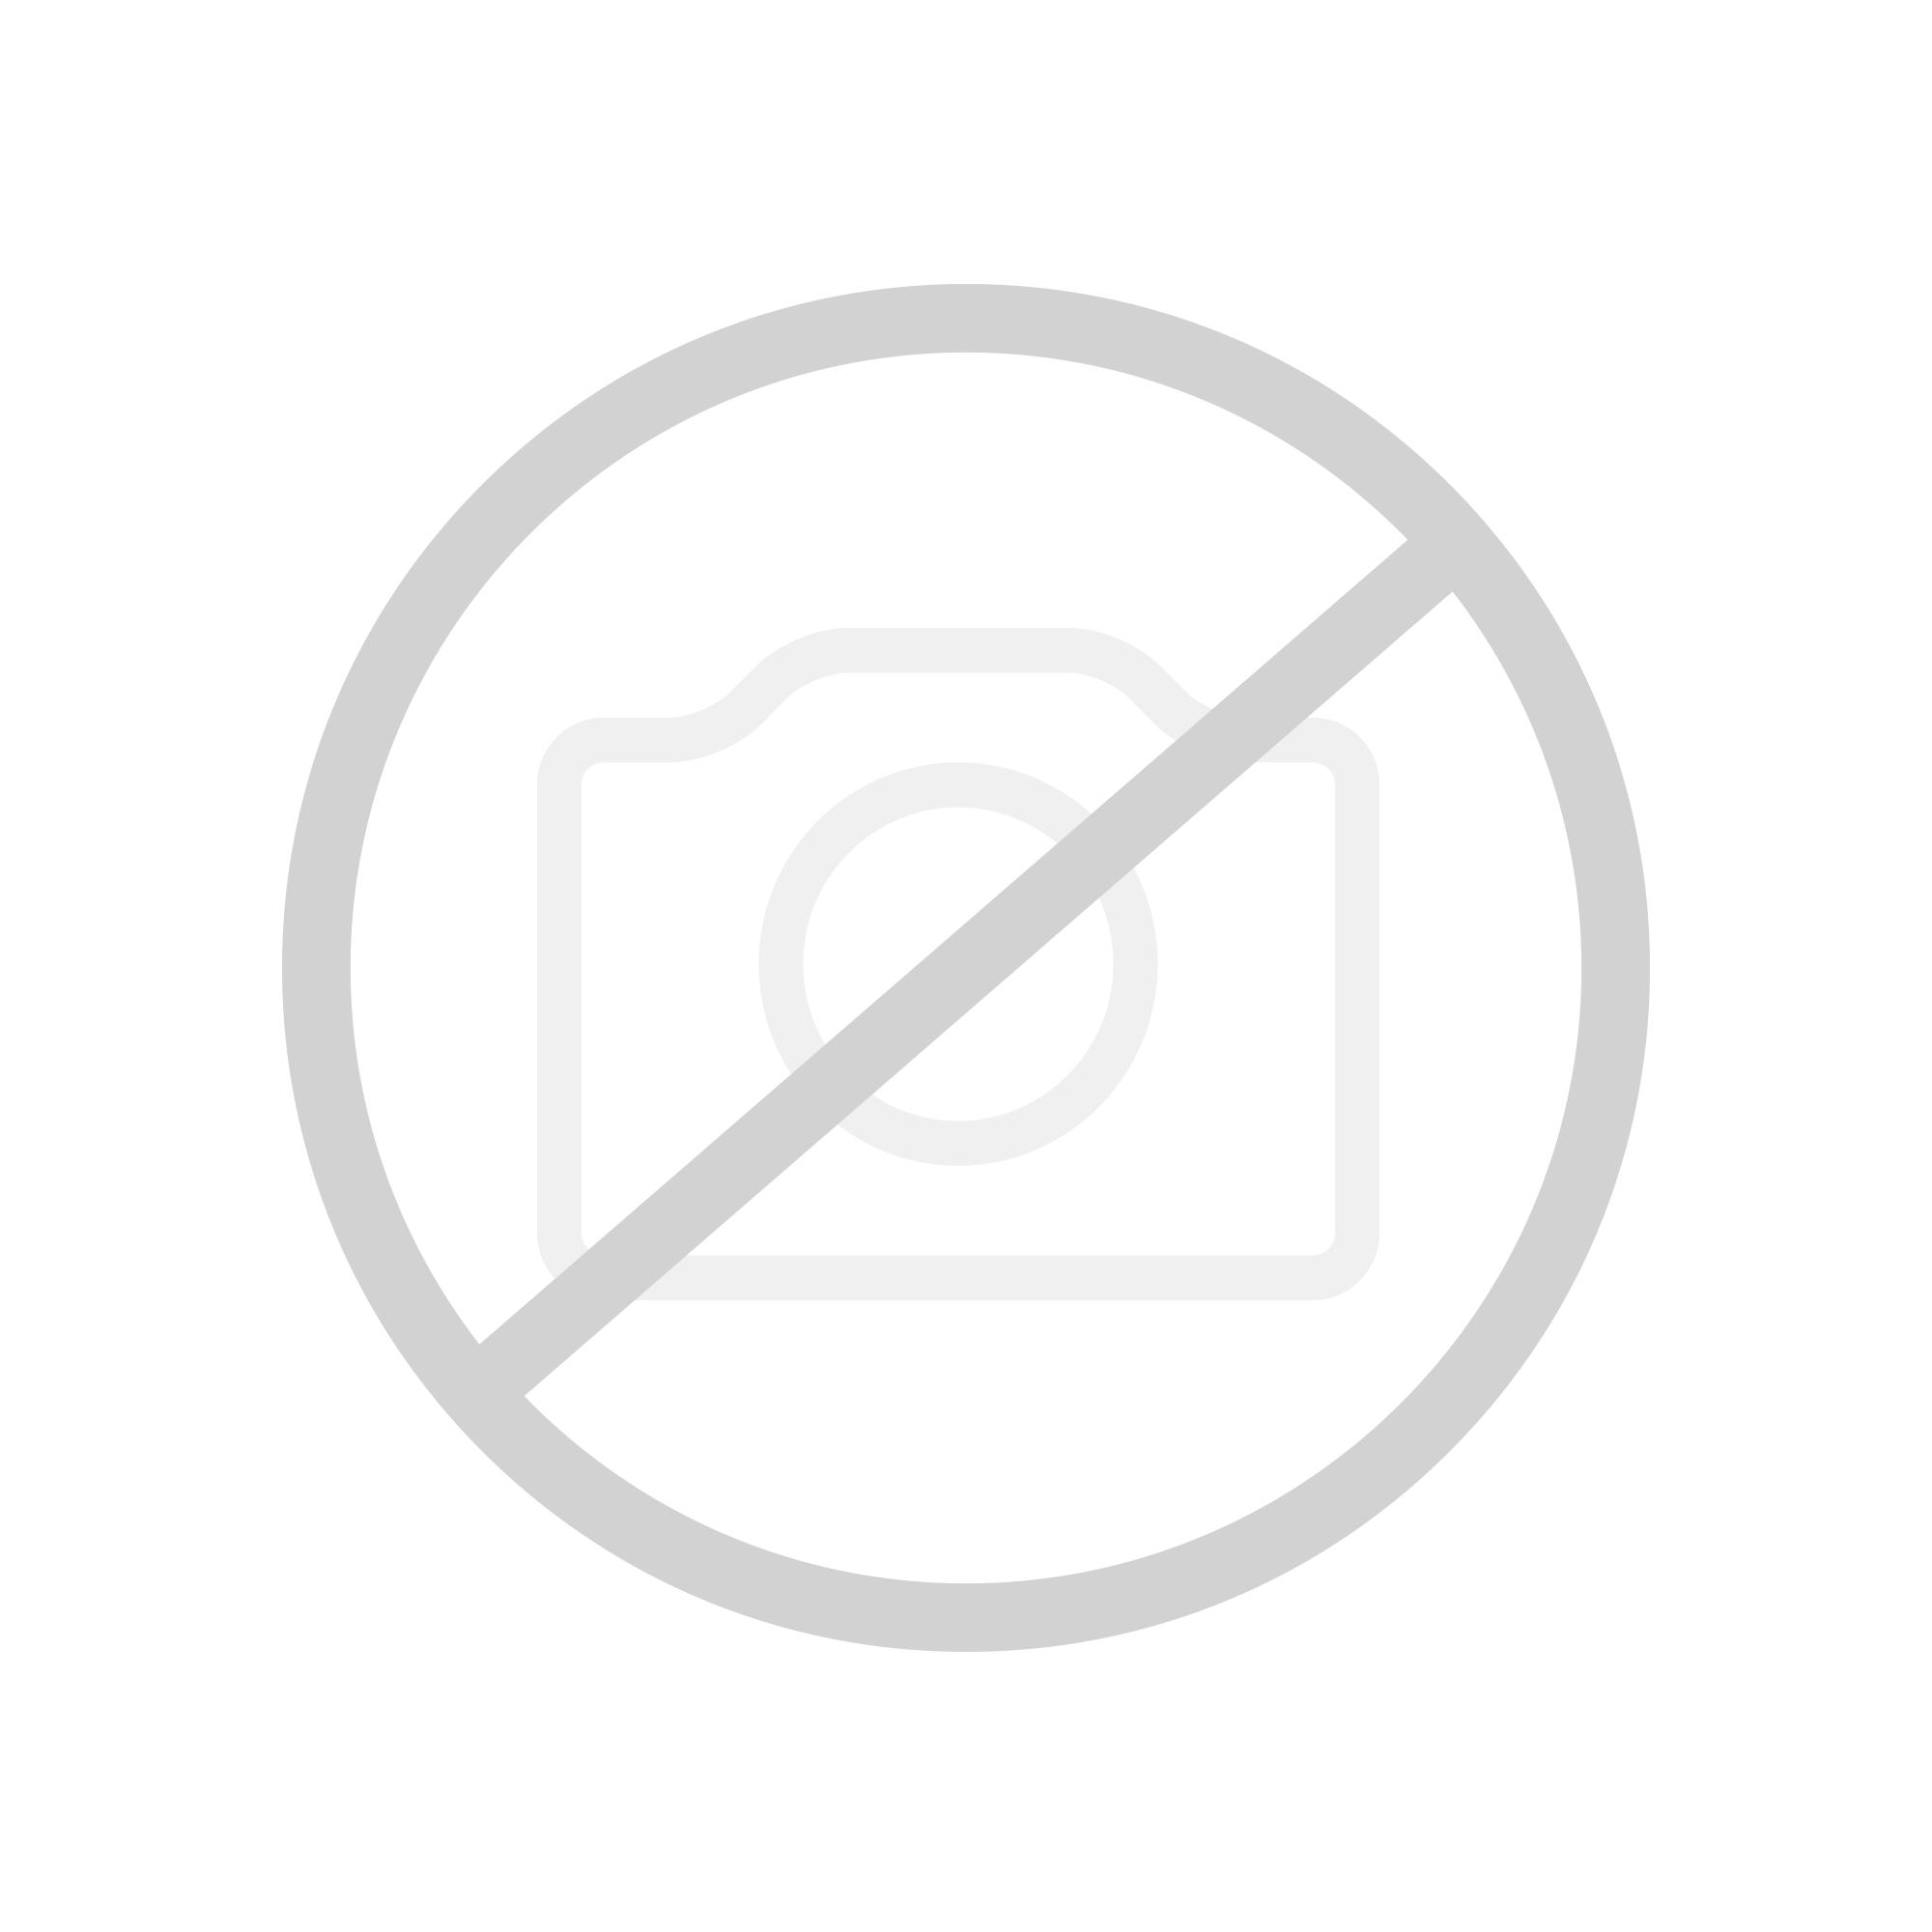 Freistehende Badewannen günstig kaufen bei REUTER | {Freistehende badewanne eckig 87}